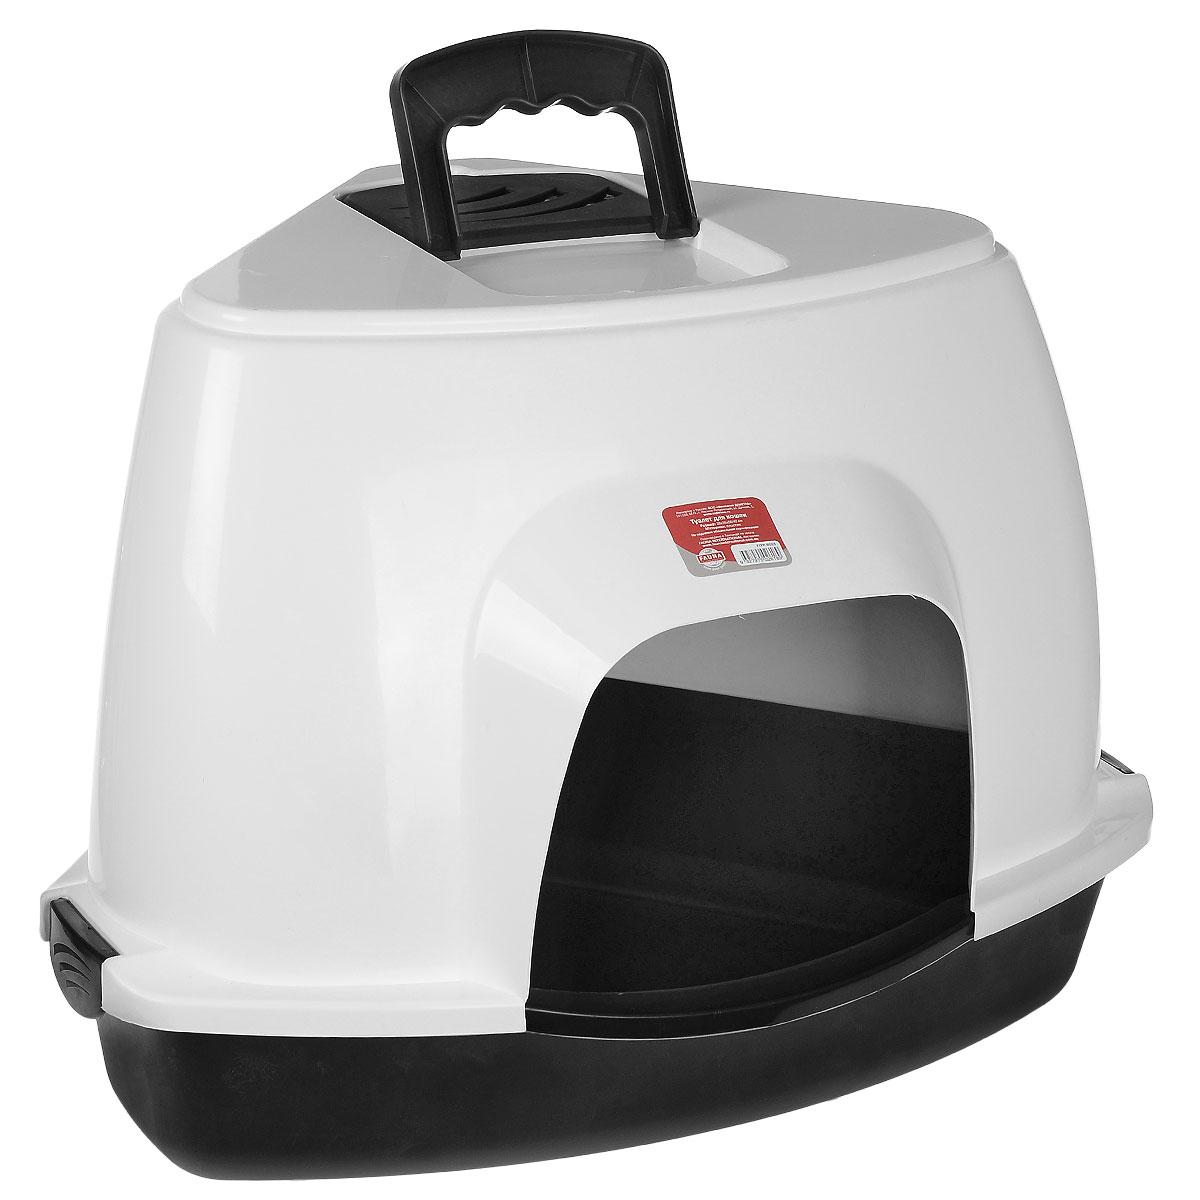 Туалет для кошек Fauna  Kitty Luxer , цвет: черный, белый, 38 см х 38 см х 56 см - Наполнители и туалетные принадлежности - Лотки и совки